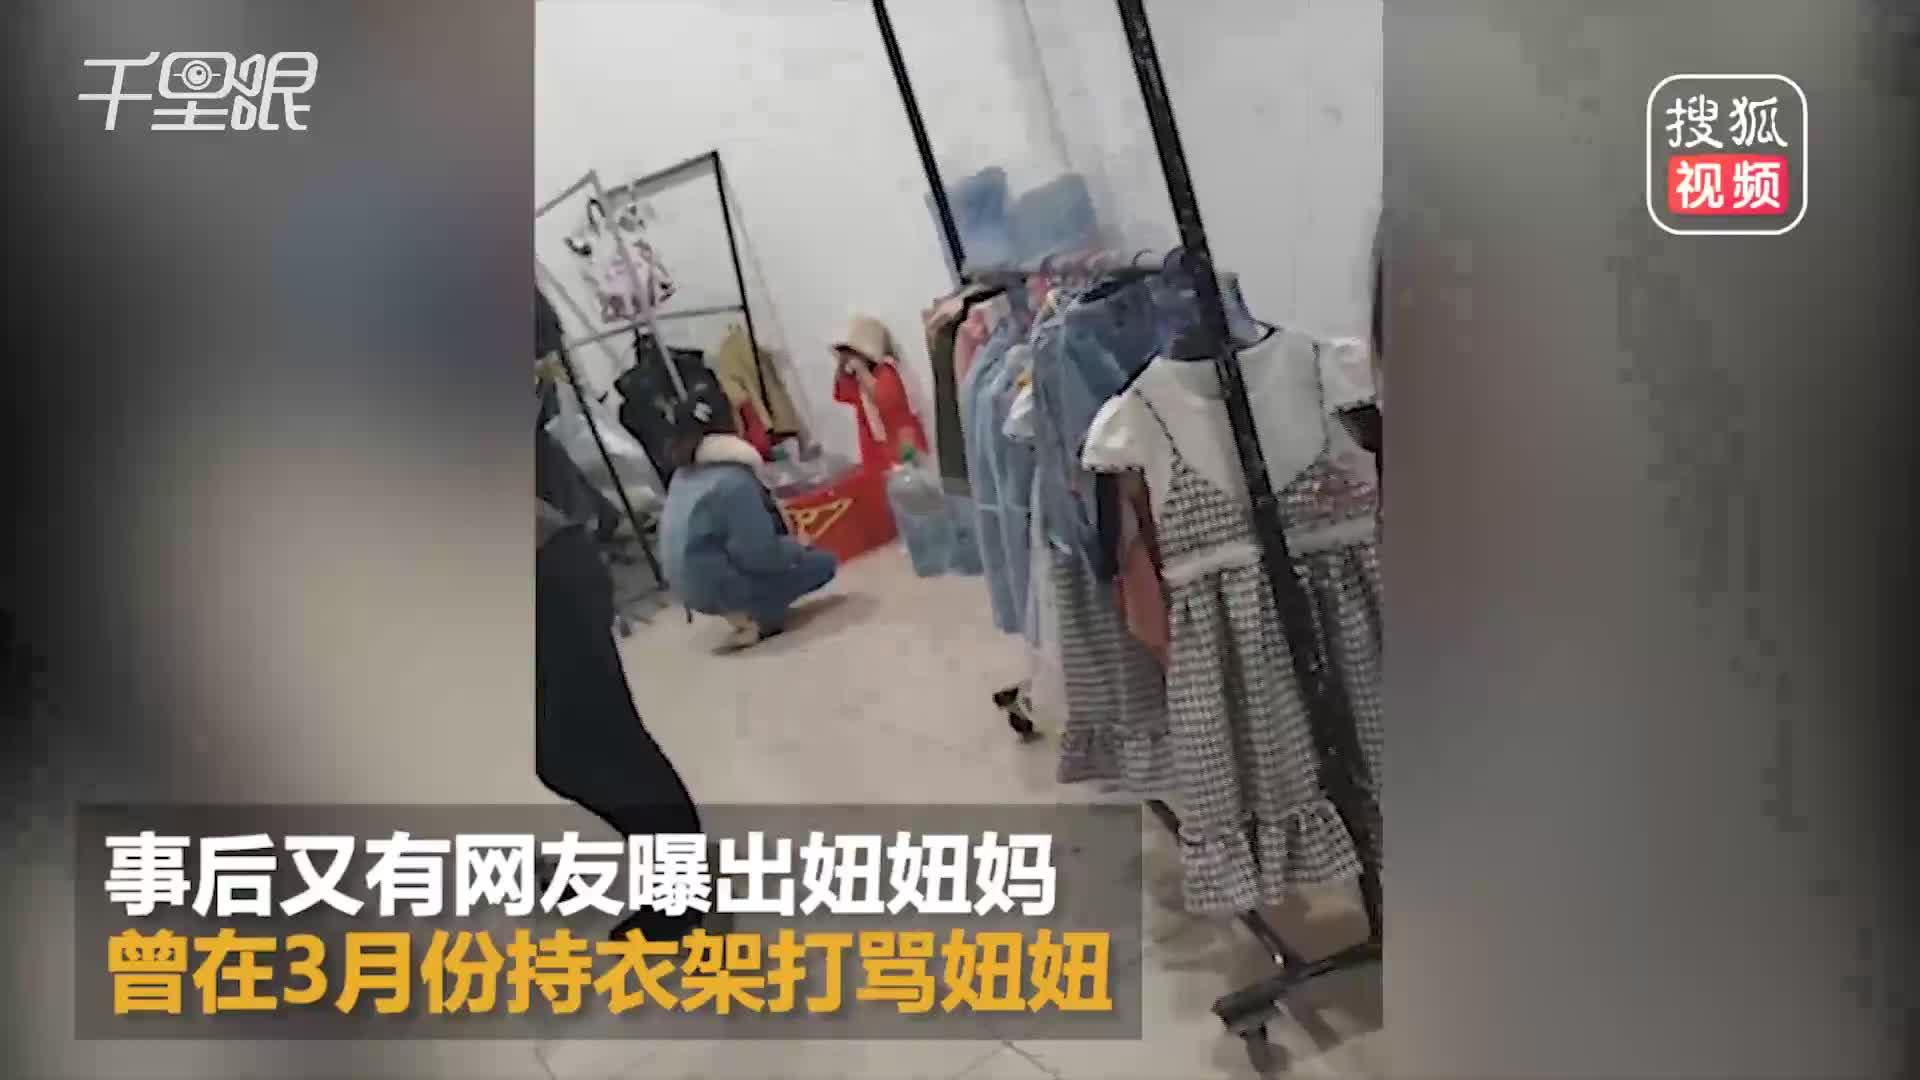 [视频]妞妞妈用衣架打孩子视频曝光 店主联名呼吁规范童模拍摄